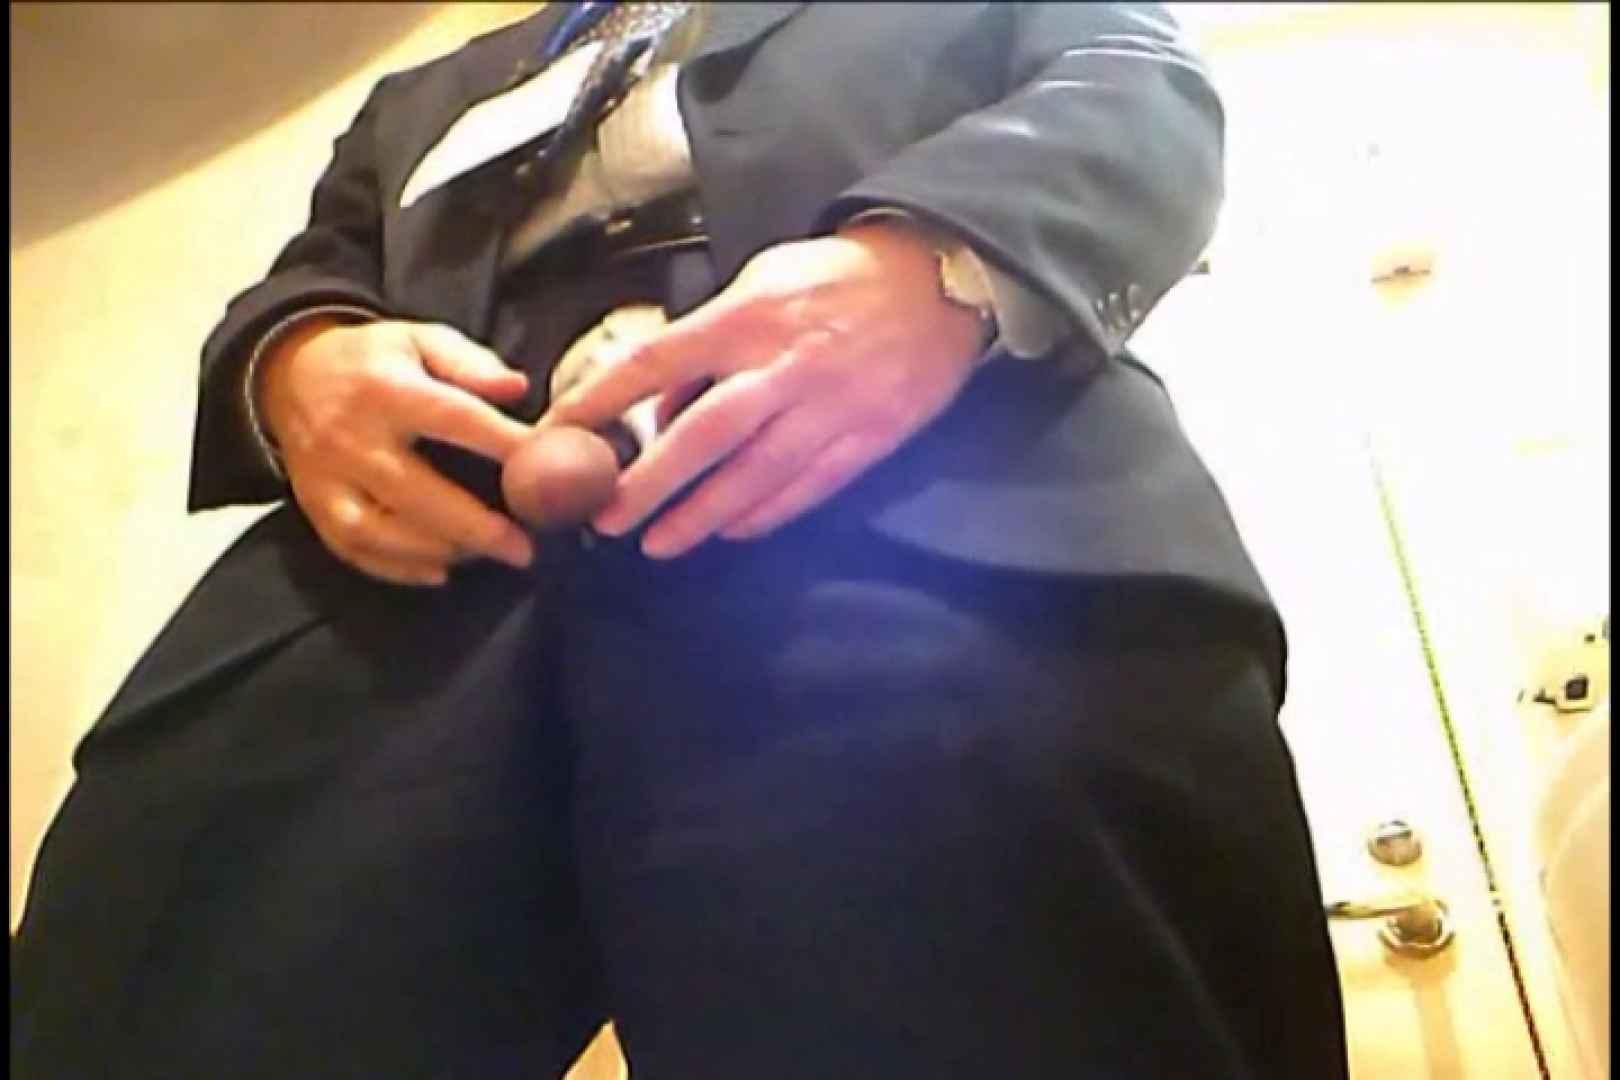 Gボーイ初投稿!掴み取りさんの洗面所覗き!in新幹線!VOL.05 リーマン系男子  96枚 40